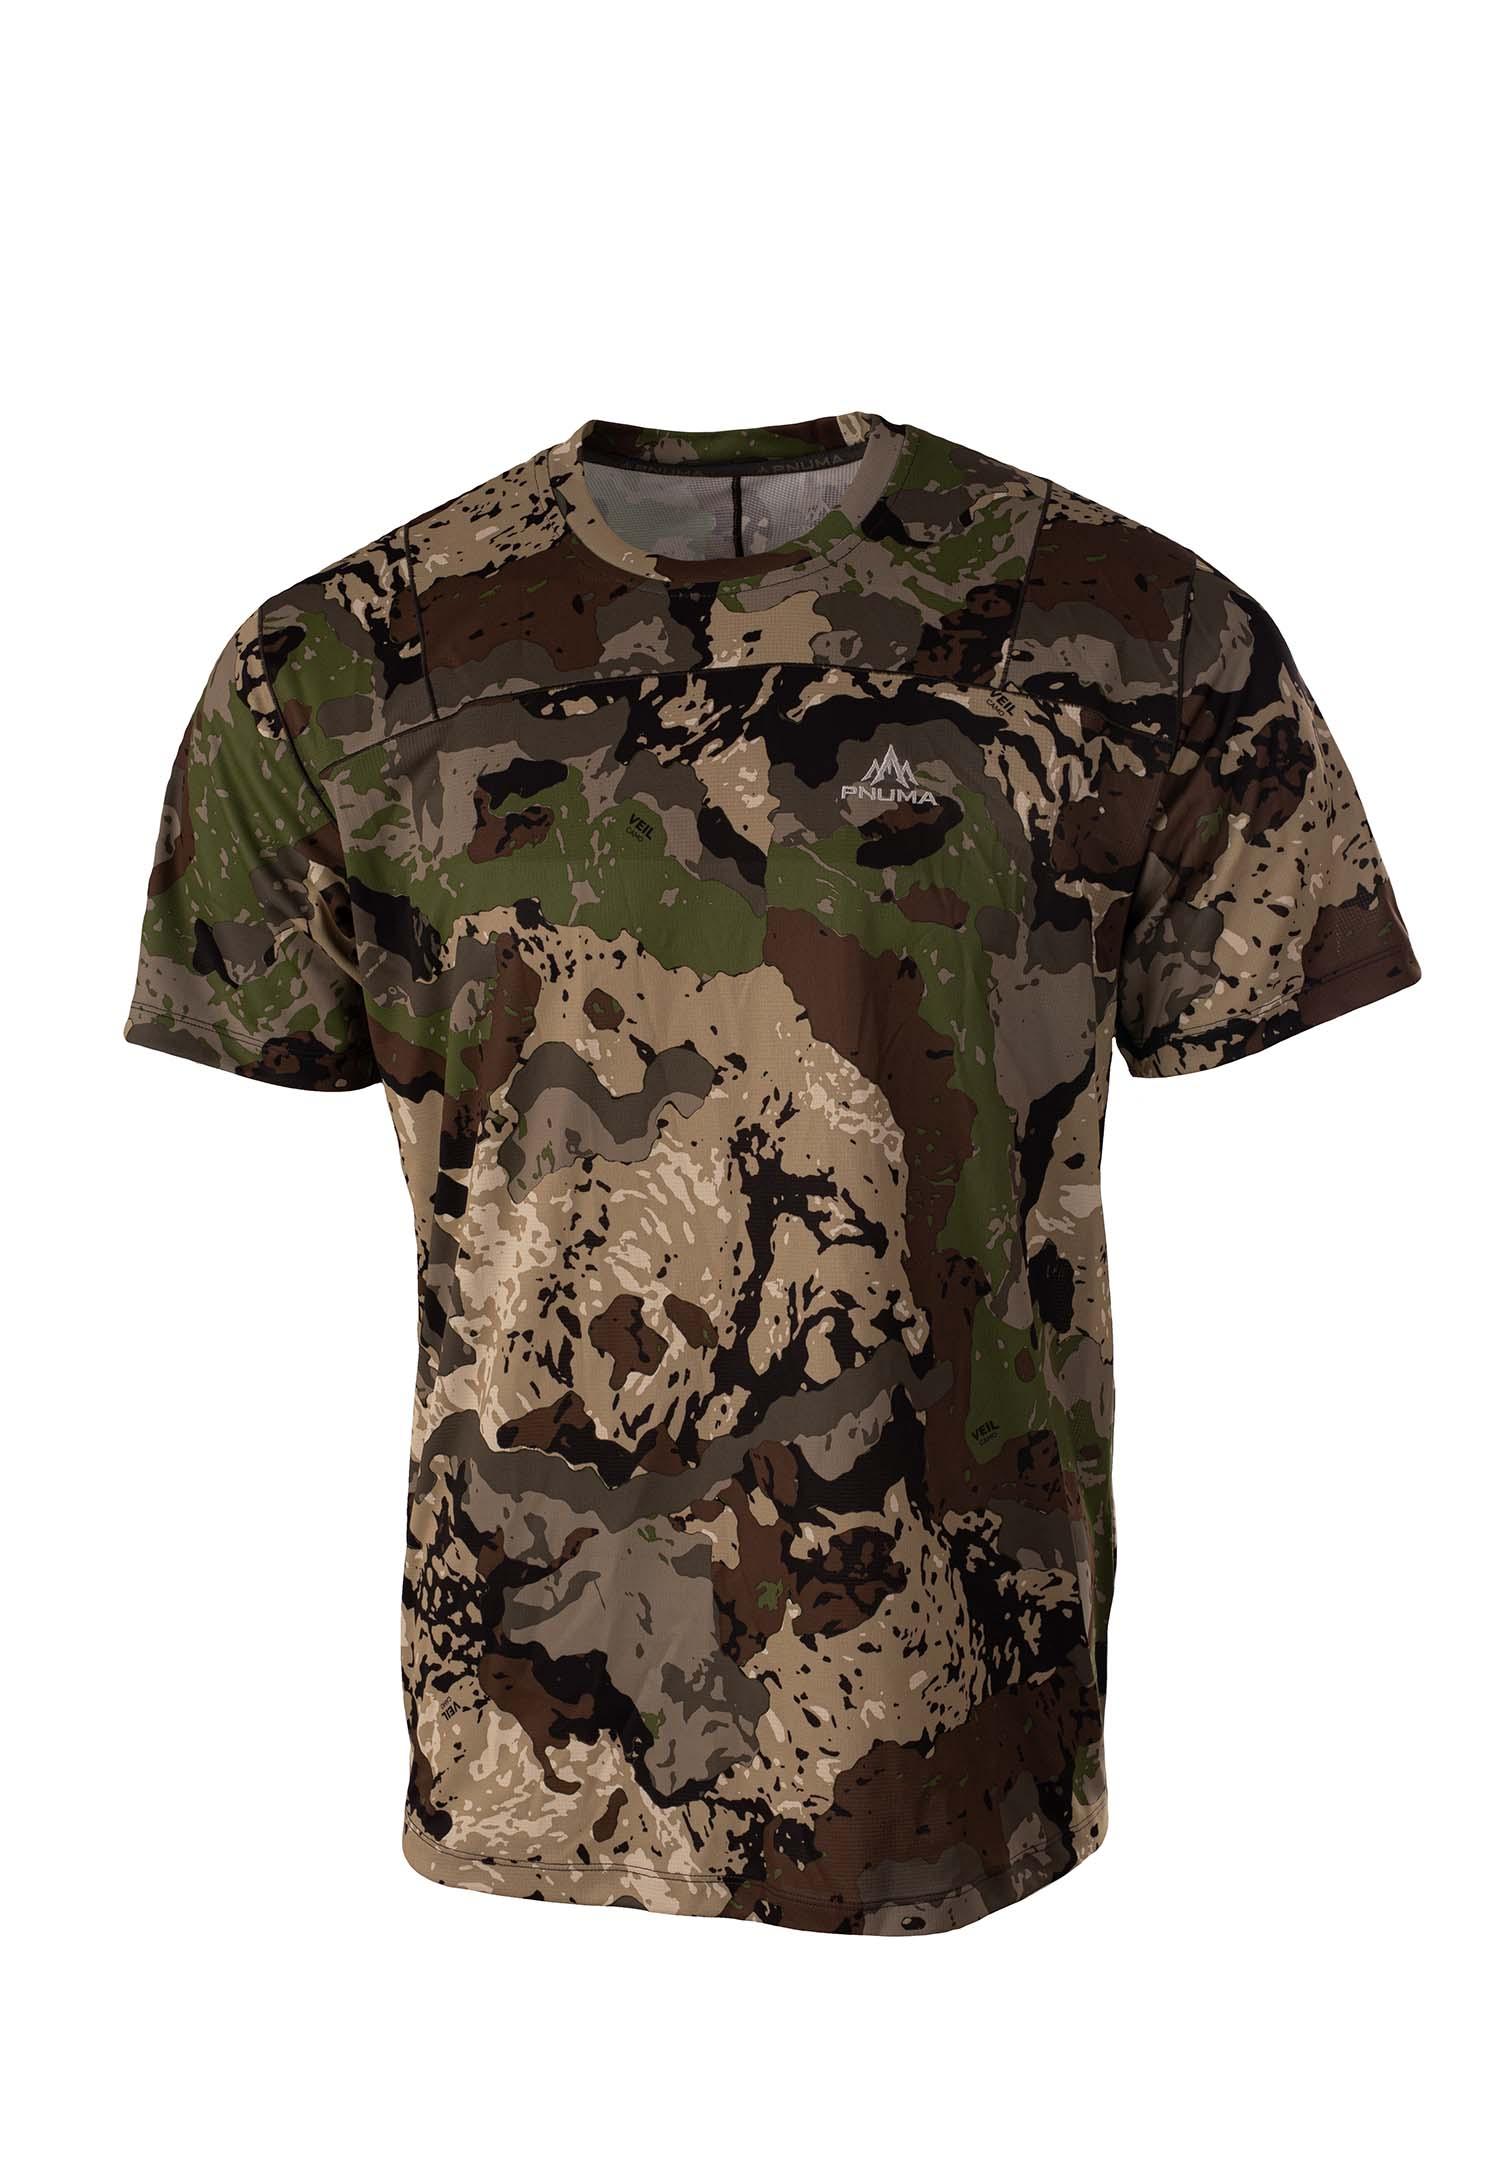 Renegade SS Shirt